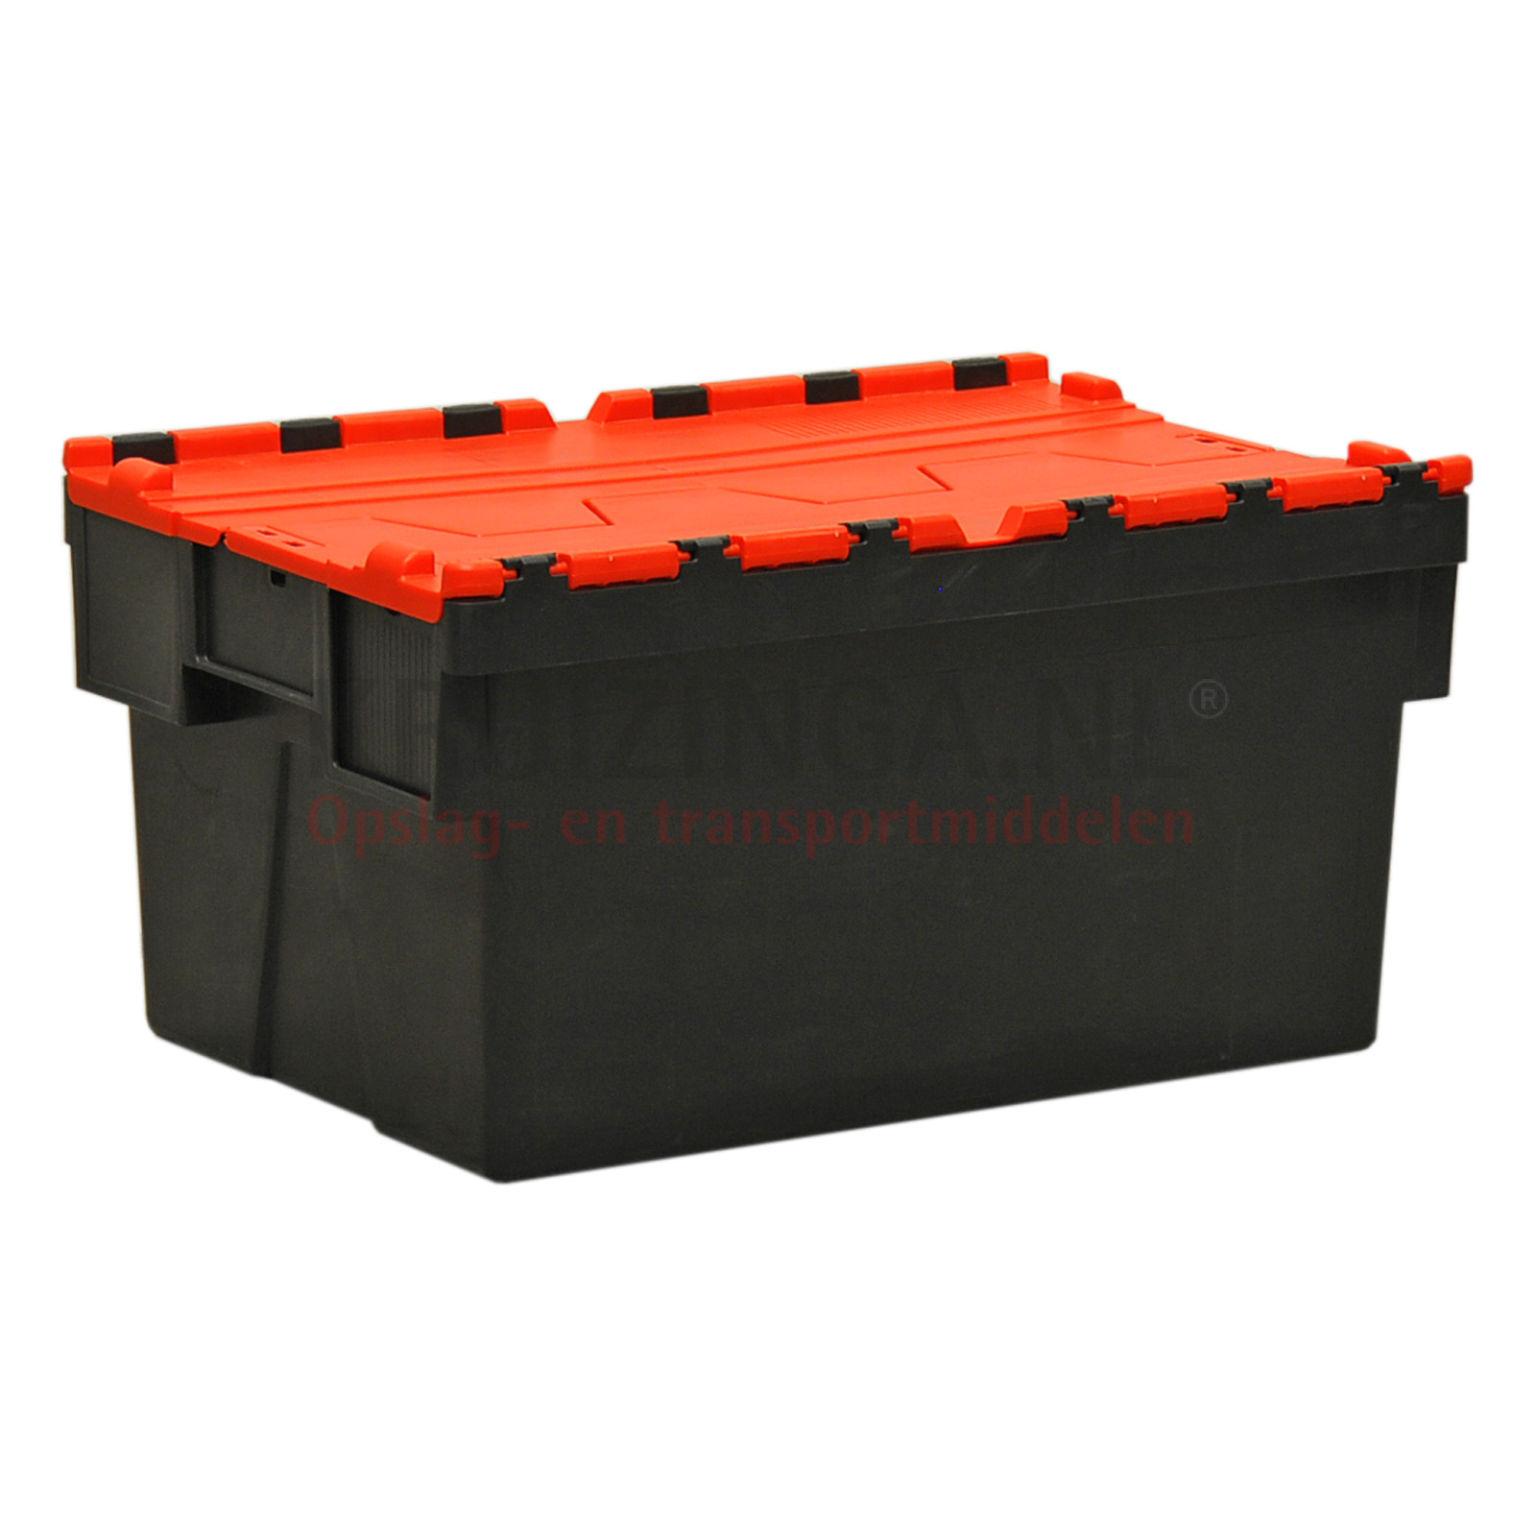 bac de rangement plastique emboitables et empilable muni d 39 un couvercle en 2 parties. Black Bedroom Furniture Sets. Home Design Ideas